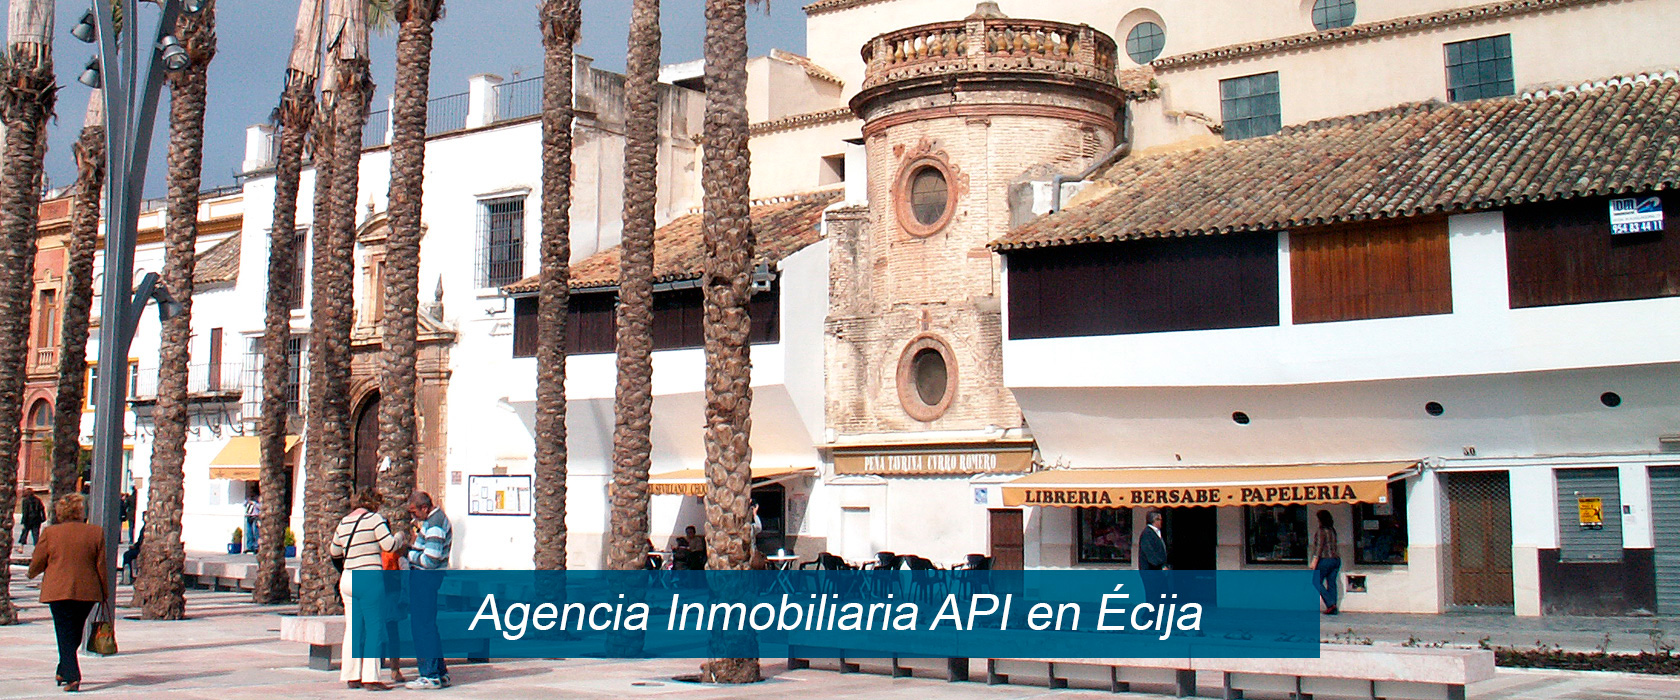 Apiml inmobiliaria en ecija casas y pisos en venta for Busco piso en alquiler en sevilla